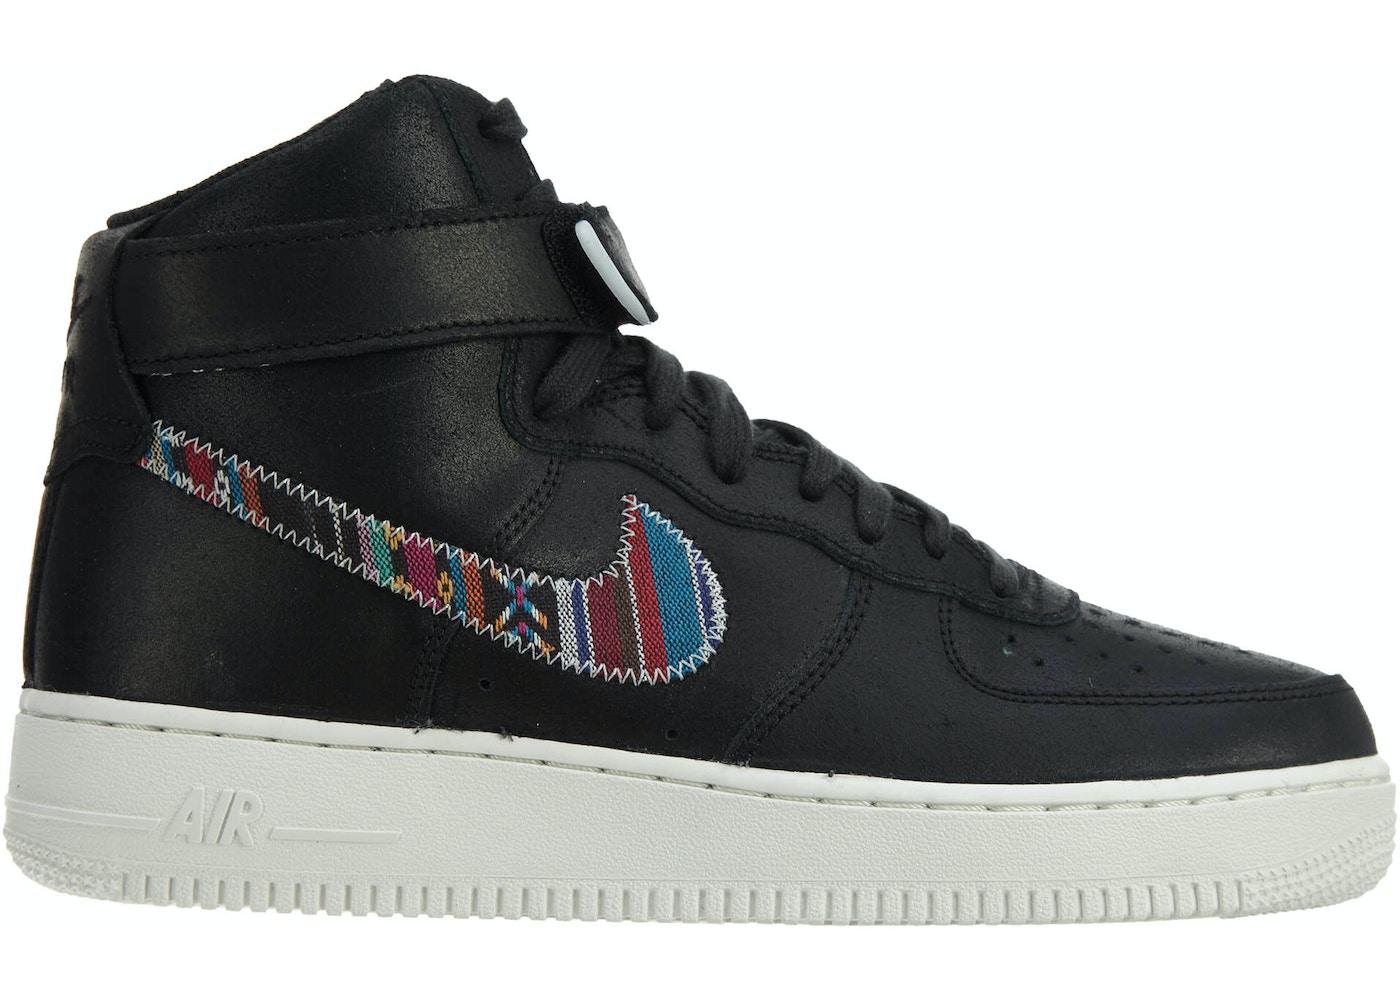 air force 1 high 07 black